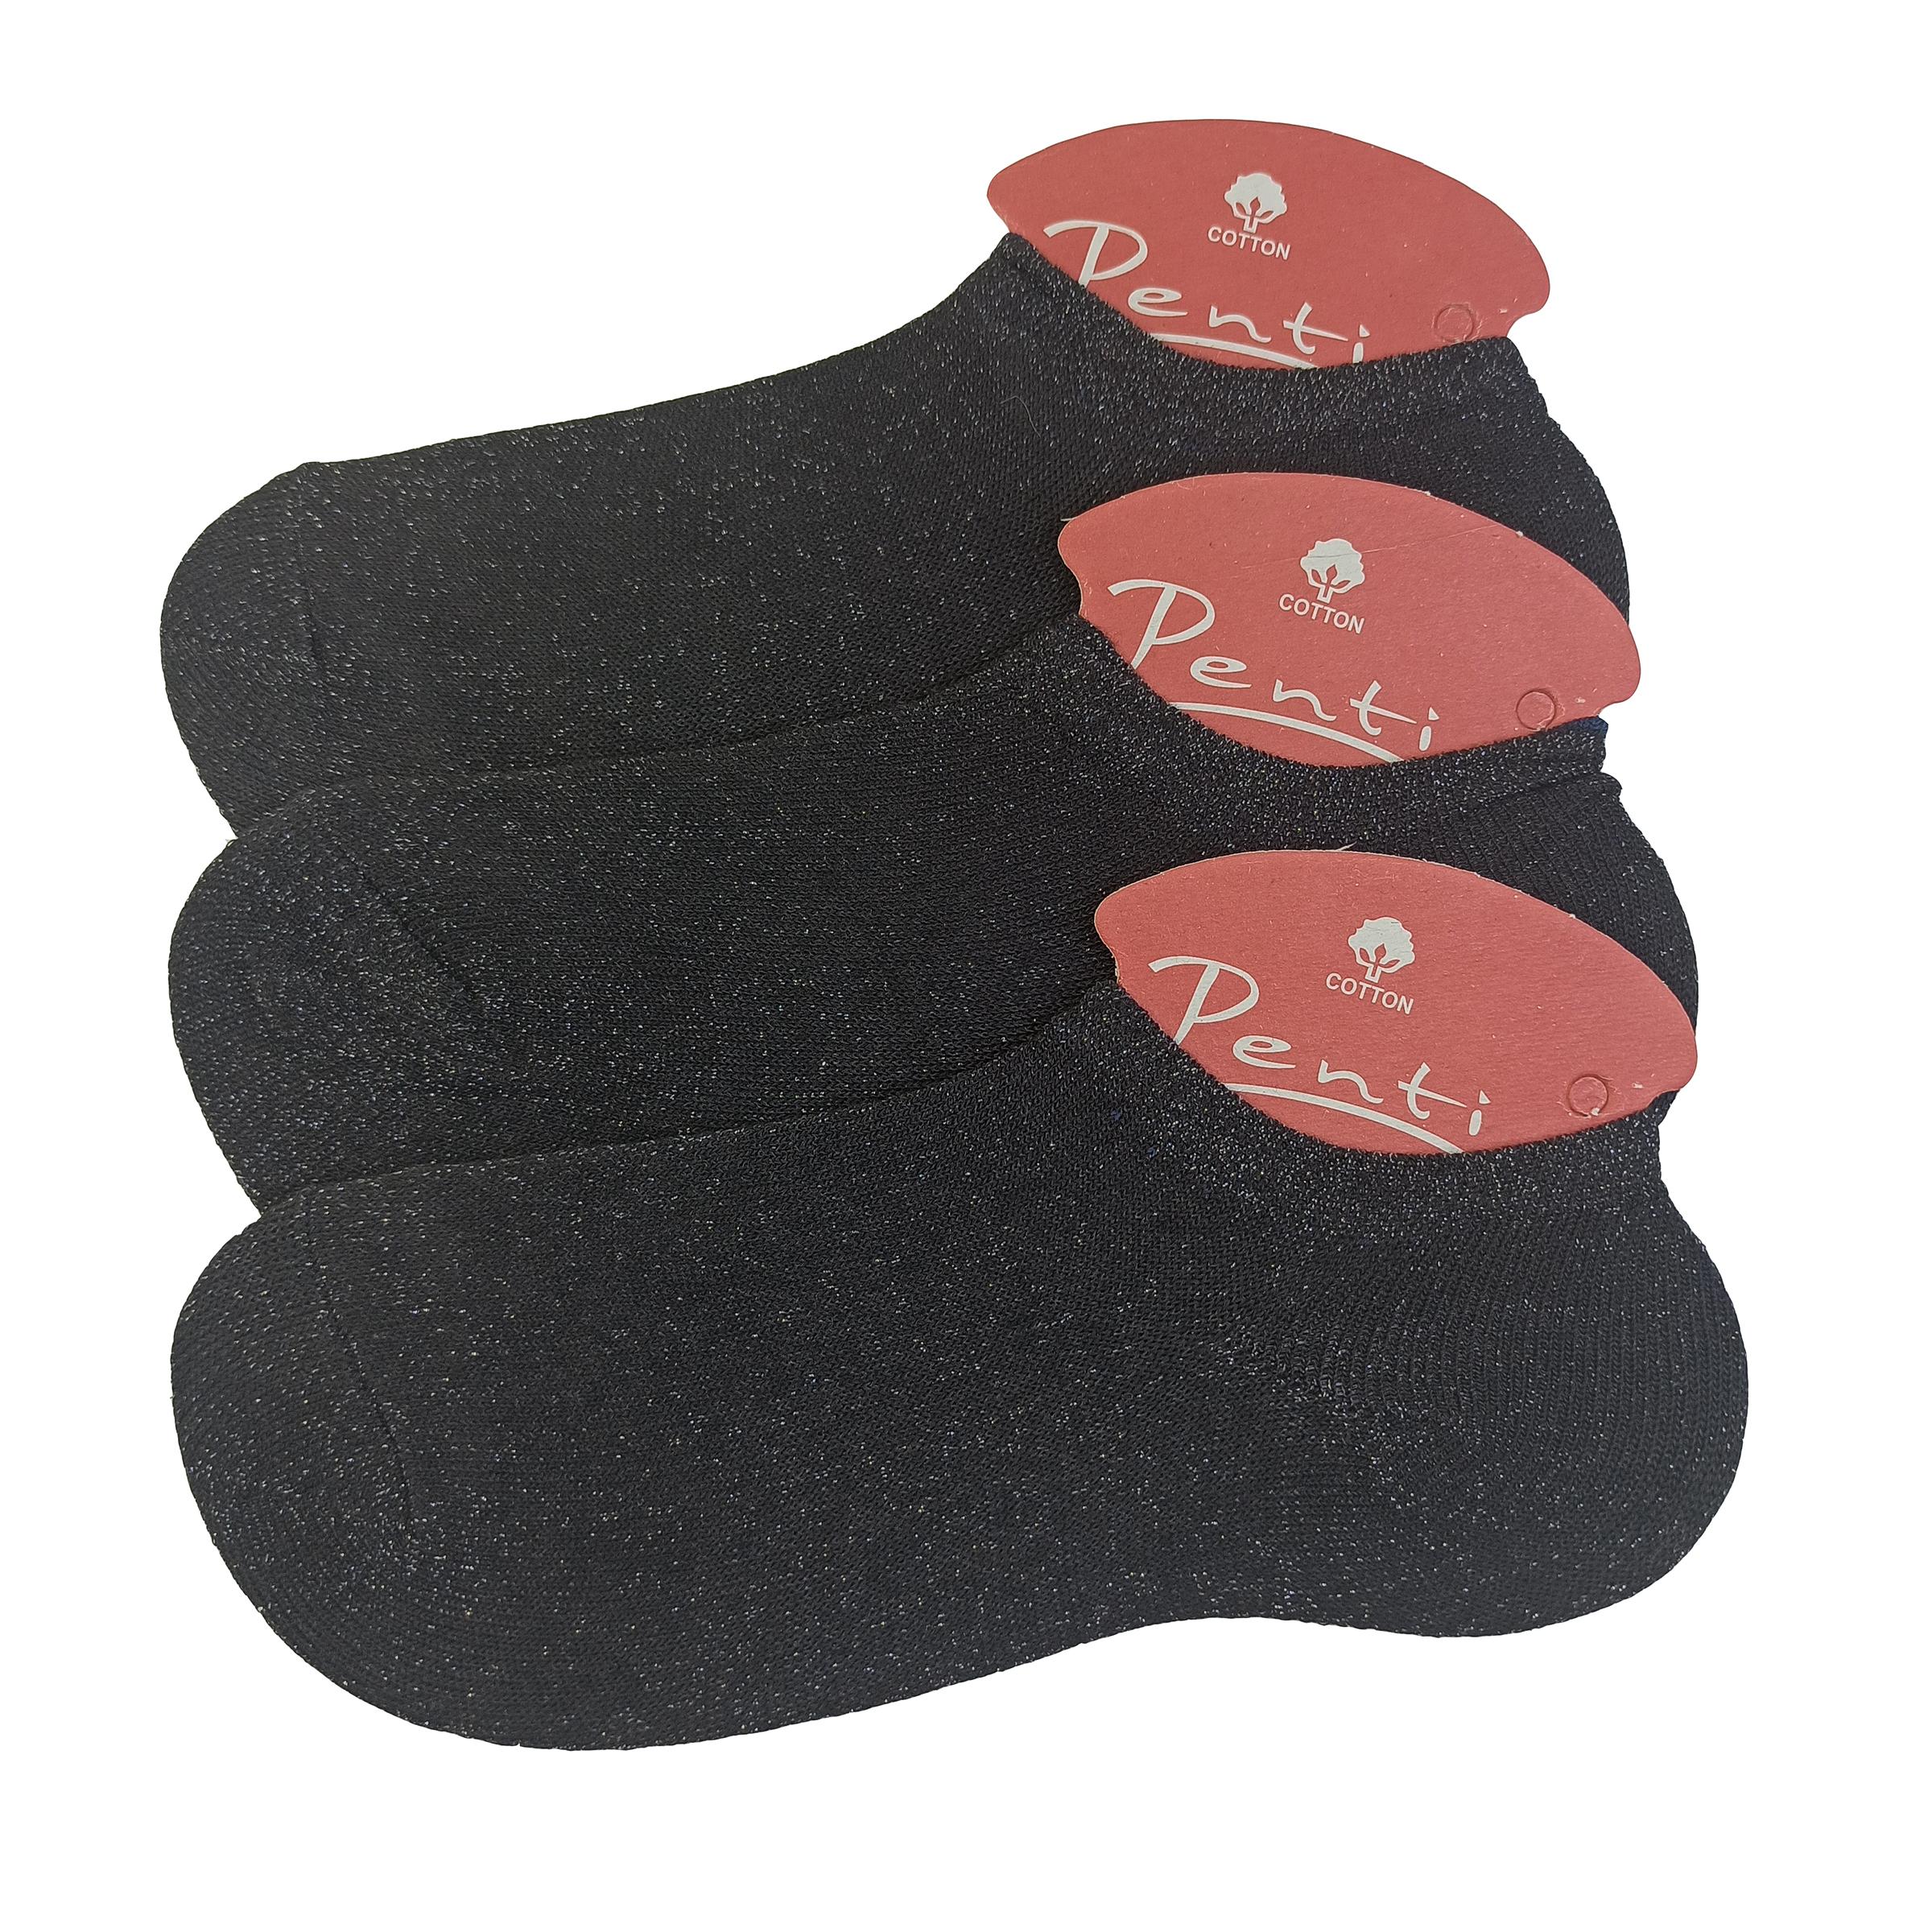 جوراب زنانه پنتی کد J-001 بسته سه عددی